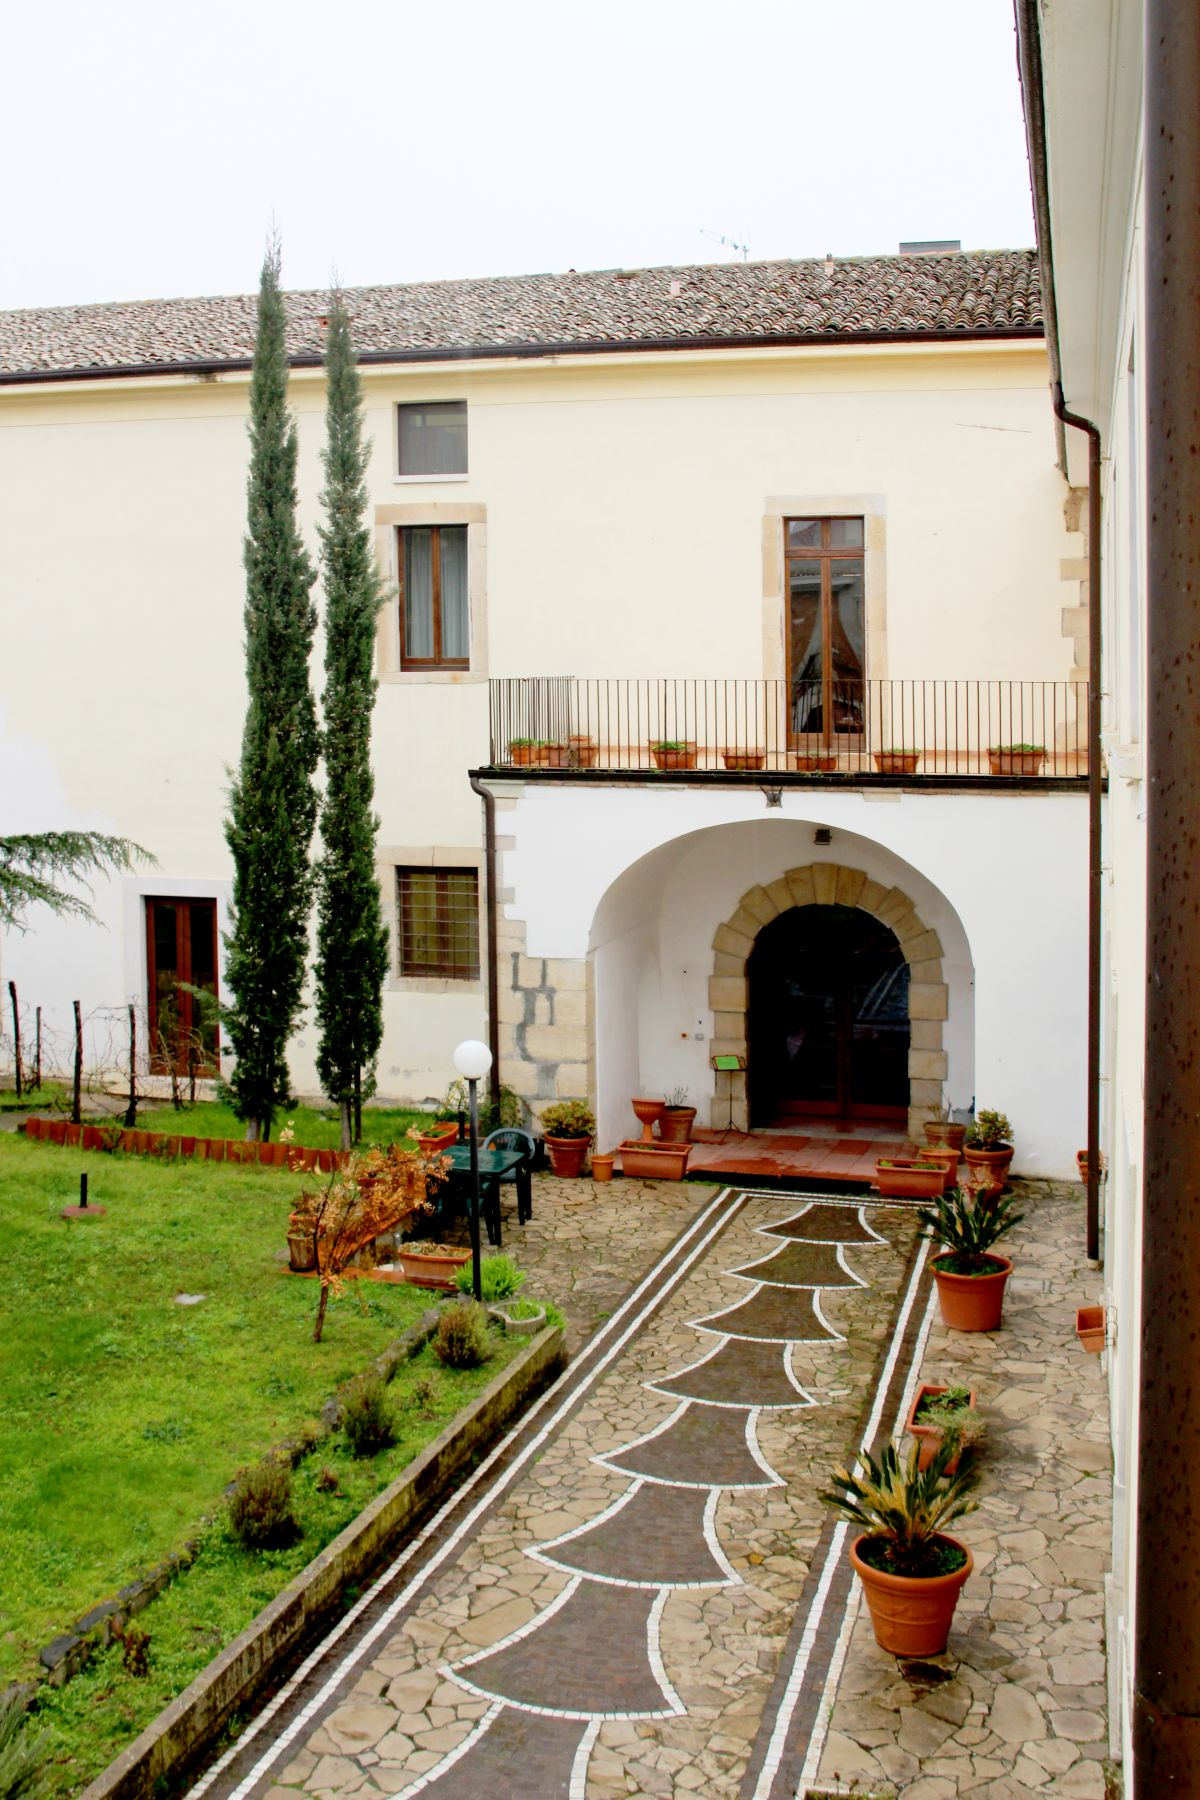 galleria immagini-hostel-il-tetto-ostello-alloggio-camera-vacanza-dormire-melfi-potenza-basilicata (45)